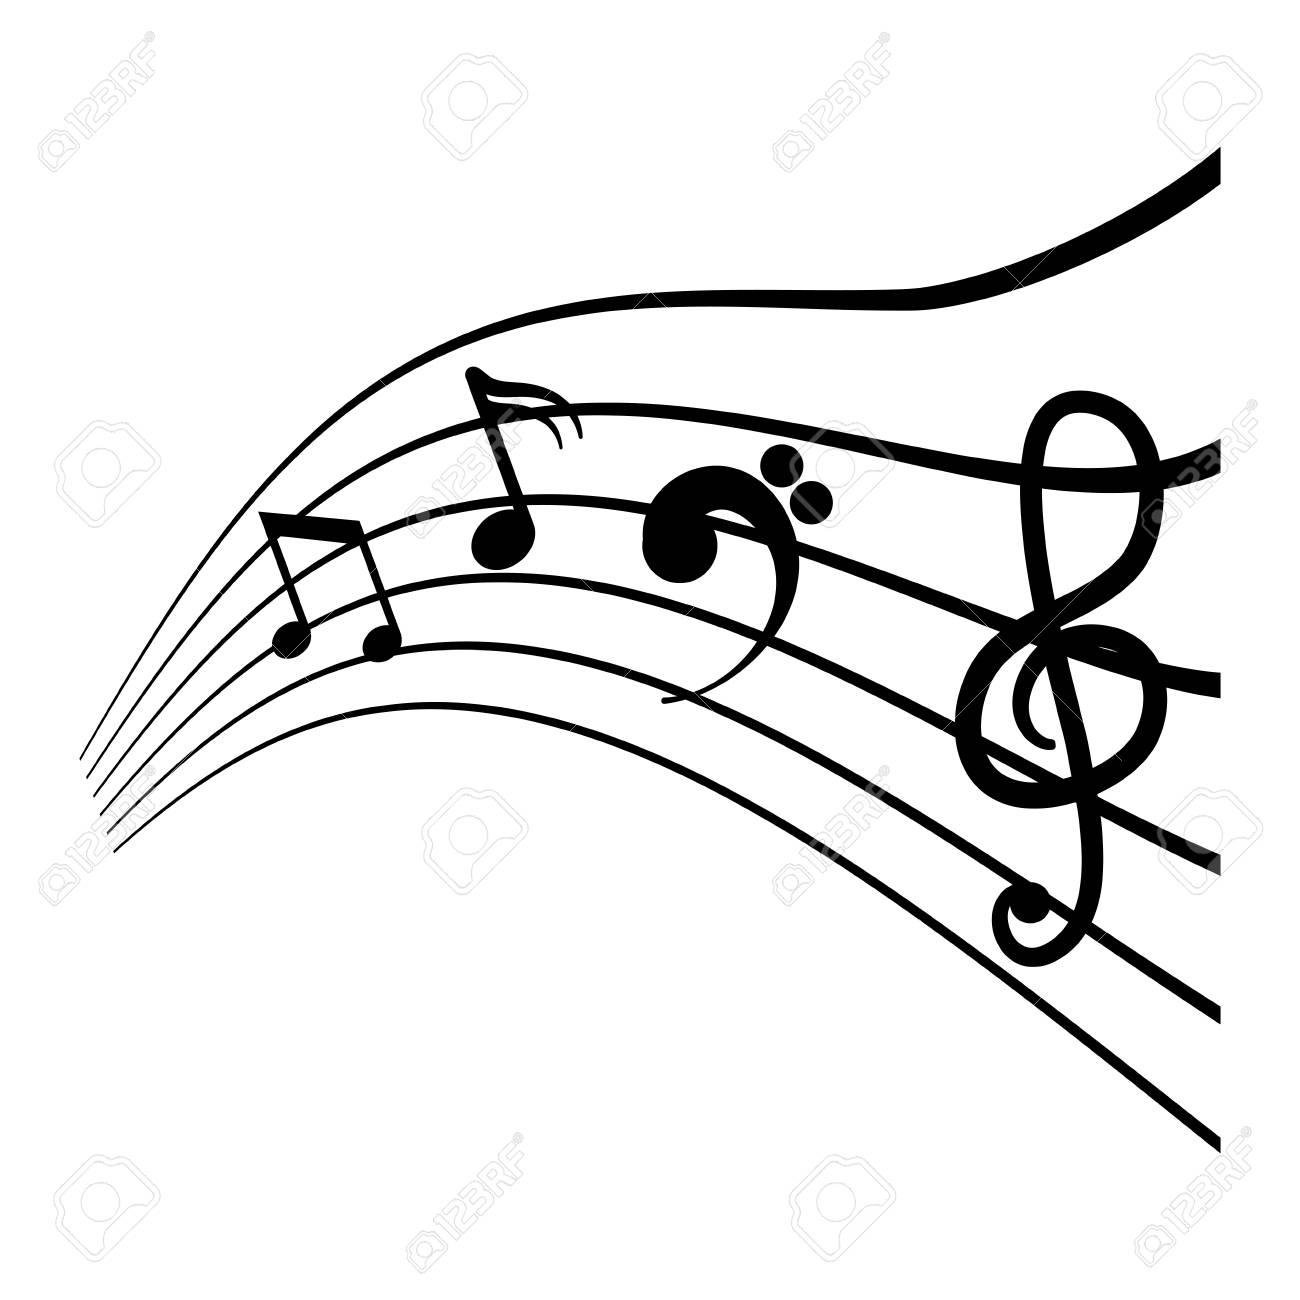 Pentagrama Con El Icono De Notas Musicales Sobre Fondo Blanco